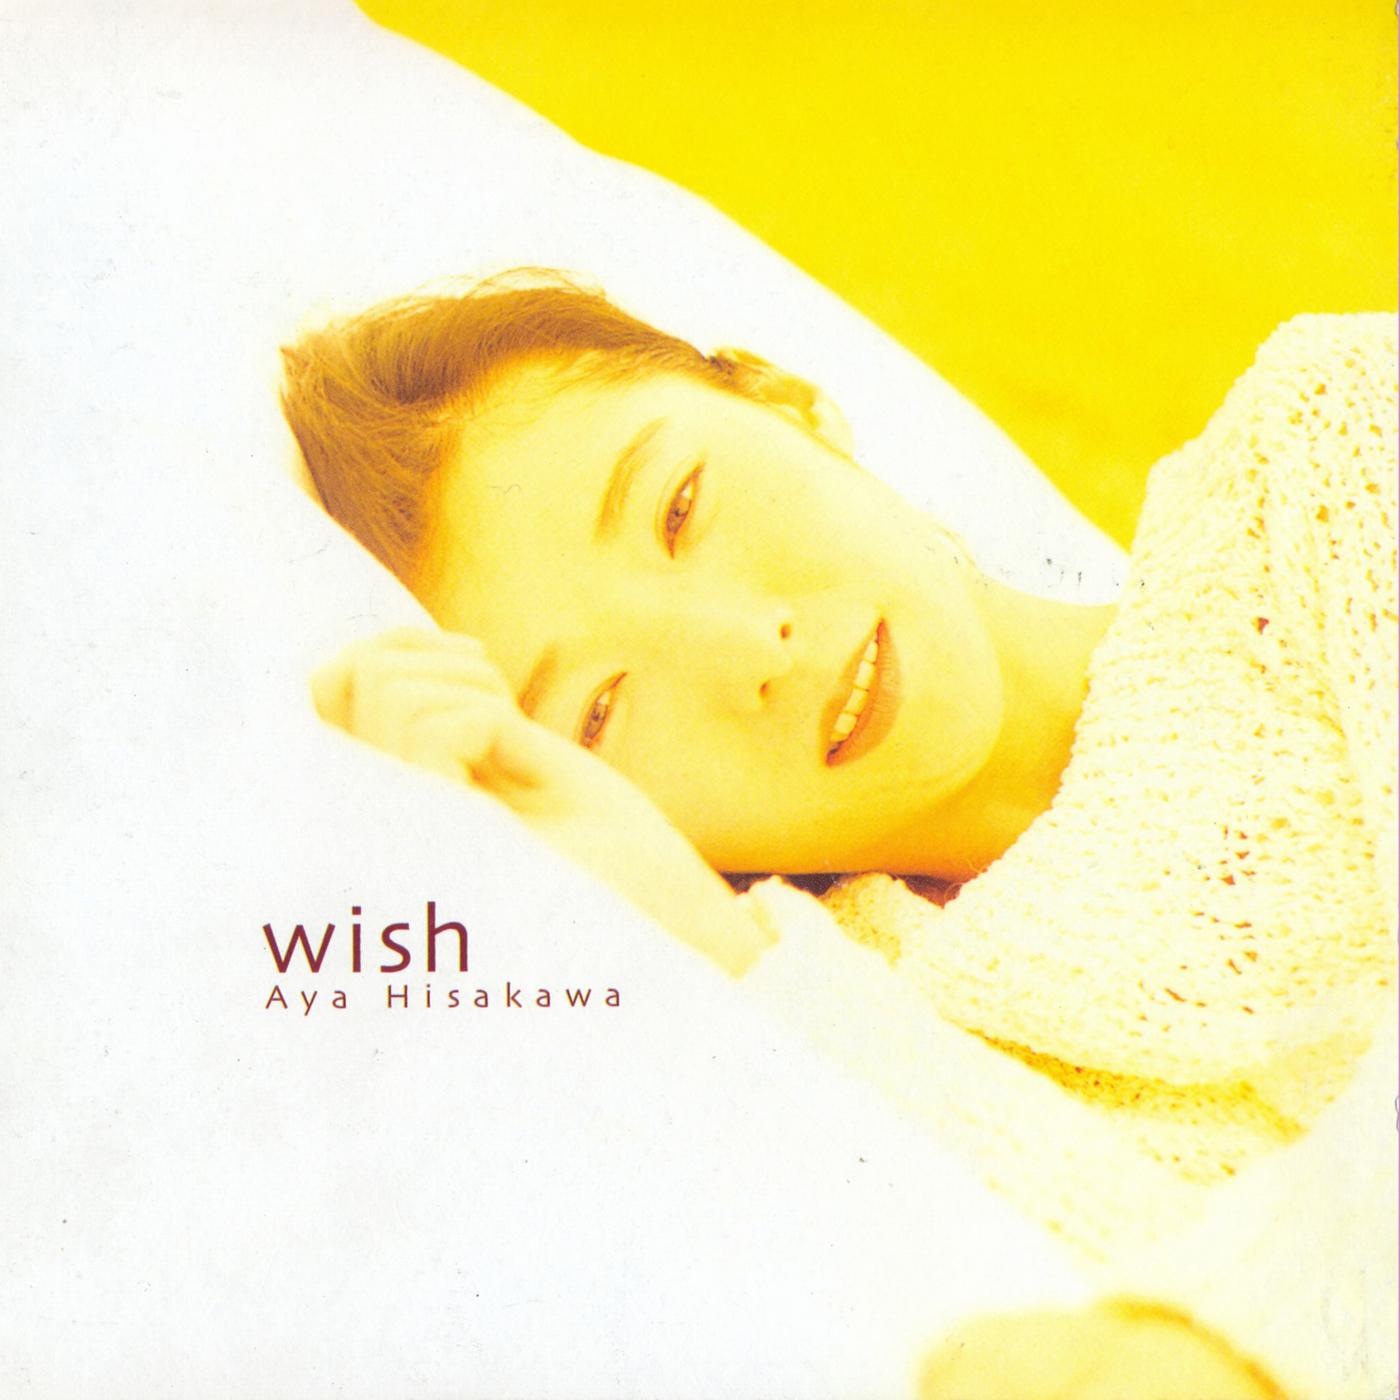 20180302.2043.3 Aya Hisakawa - Wish (1998) cover.jpg